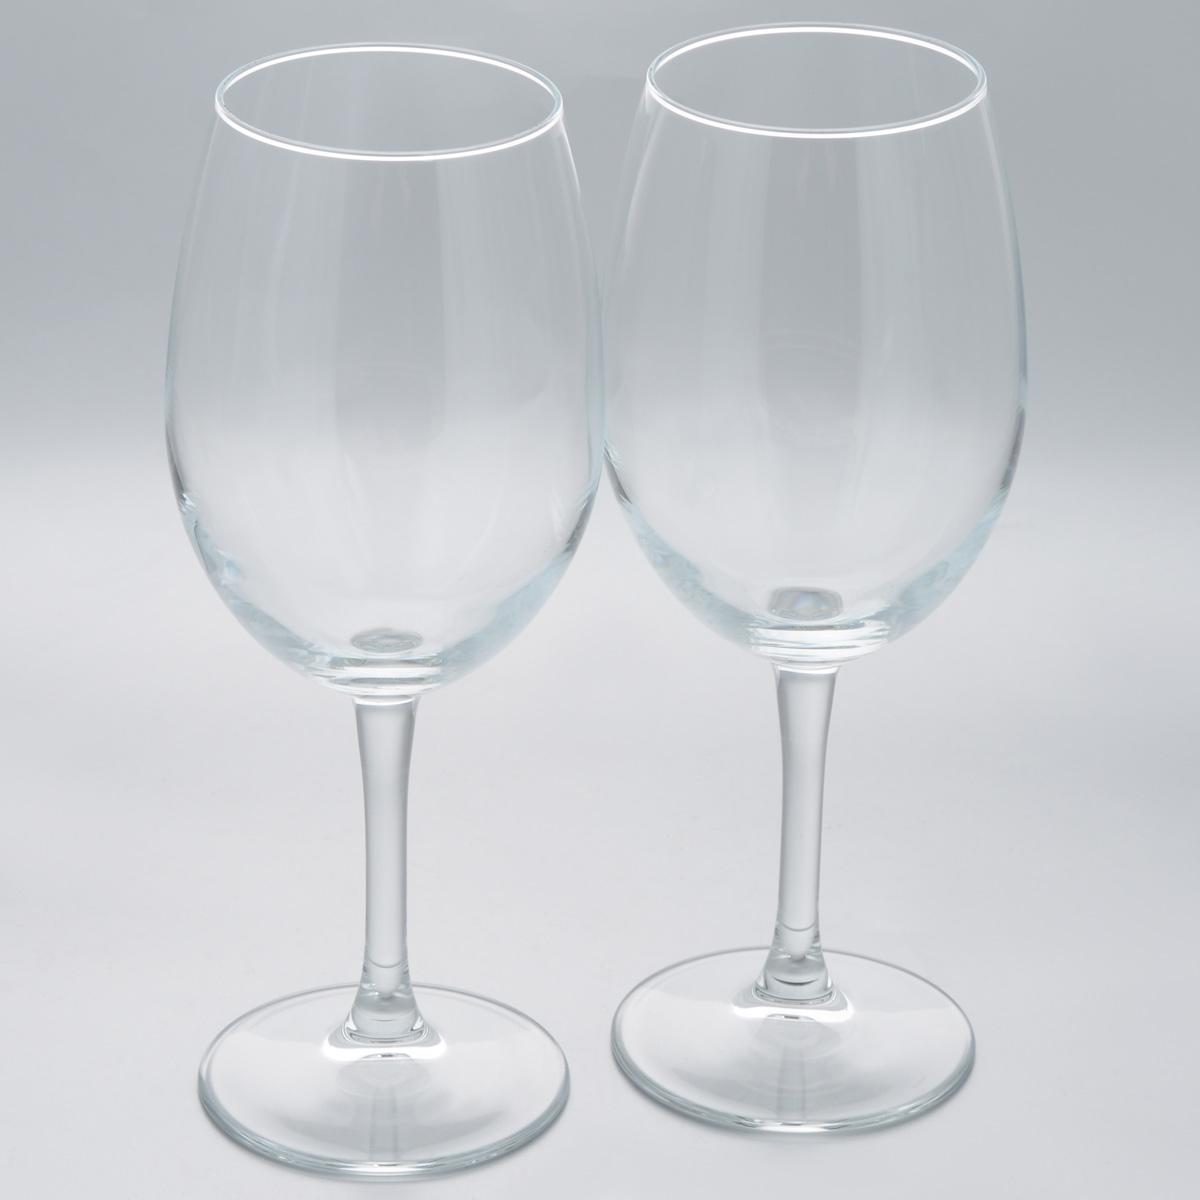 Набор бокалов Pasabahce Classique, 630 мл, 2 шт440153BНабор Pasabahce Classique состоит из двух бокалов, выполненных из прочного натрий-кальций-силикатного стекла.Бокалы предназначены для подачи вина или других напитков. Они сочетают в себе элегантный дизайн и функциональность. Набор бокалов Pasabahce Classique прекрасно оформит праздничный стол и создаст приятную атмосферу за романтическим ужином. Такой набор также станет хорошим подарком к любому случаю. Можно мыть в посудомоечной машине.Высота бокала: 24 см.Диаметр бокала (по верхнему краю): 7 см.